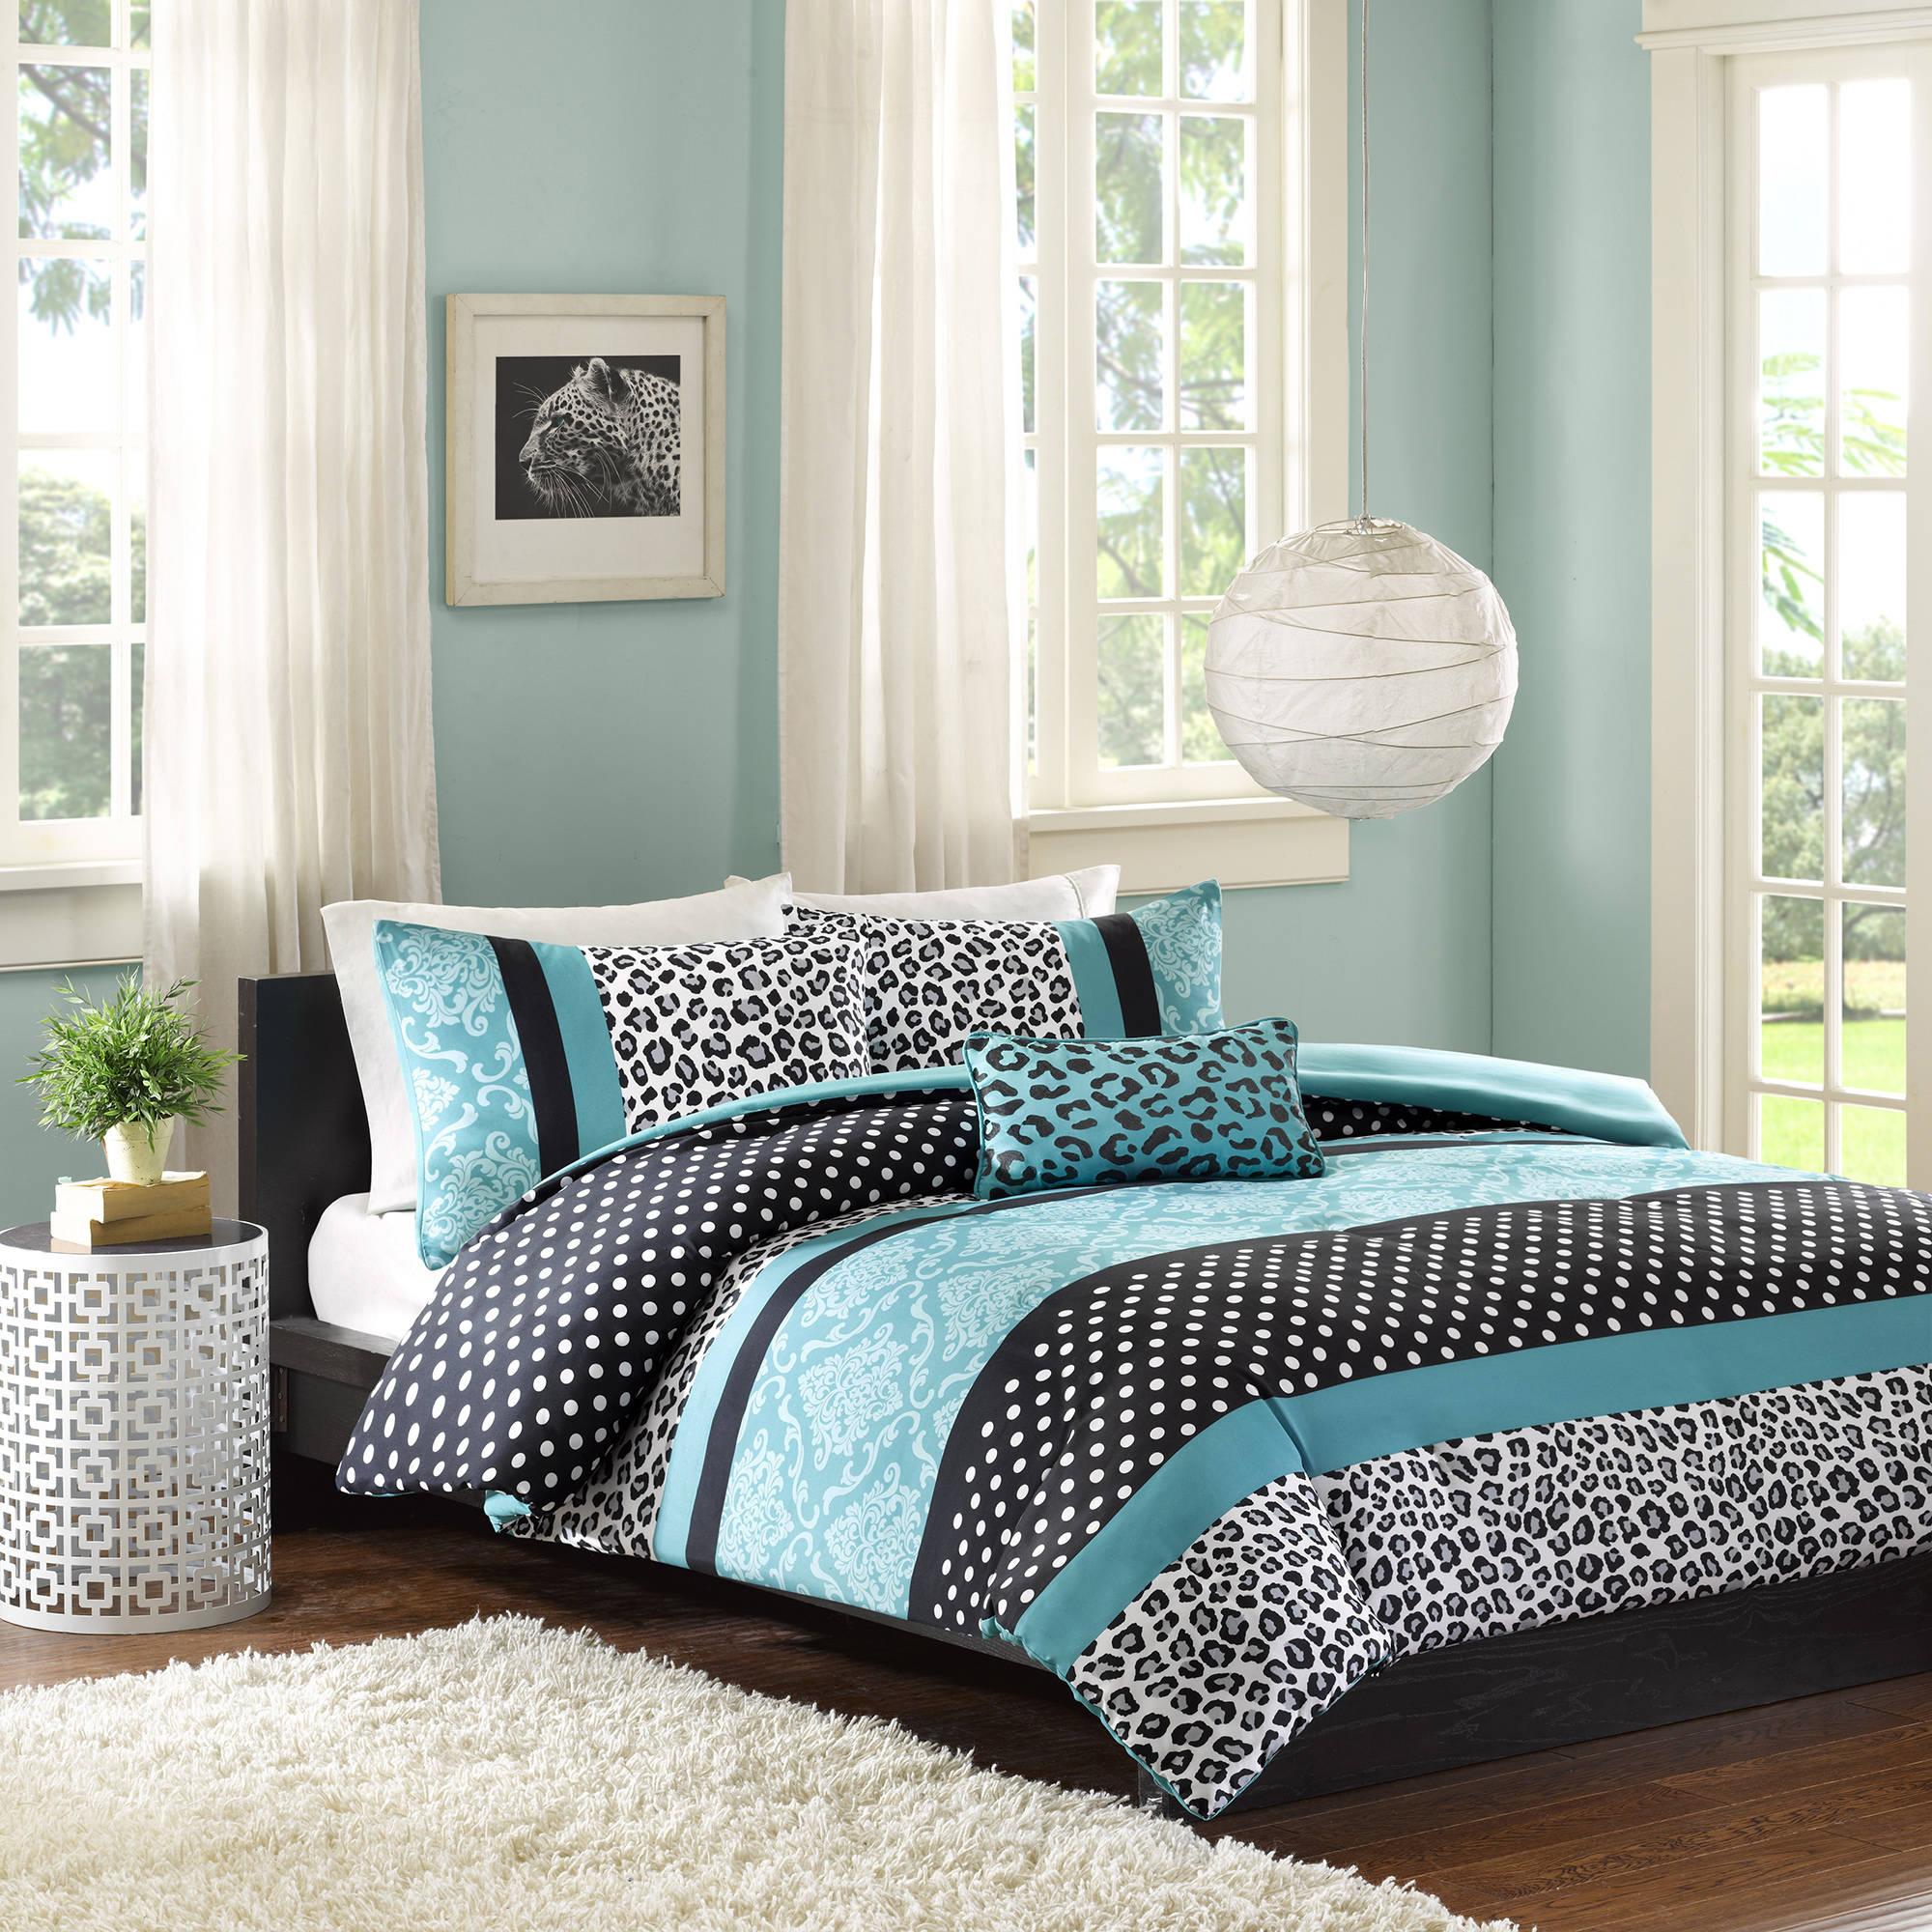 Home Essence Apartment Christa Bedding Duvet Cover Set